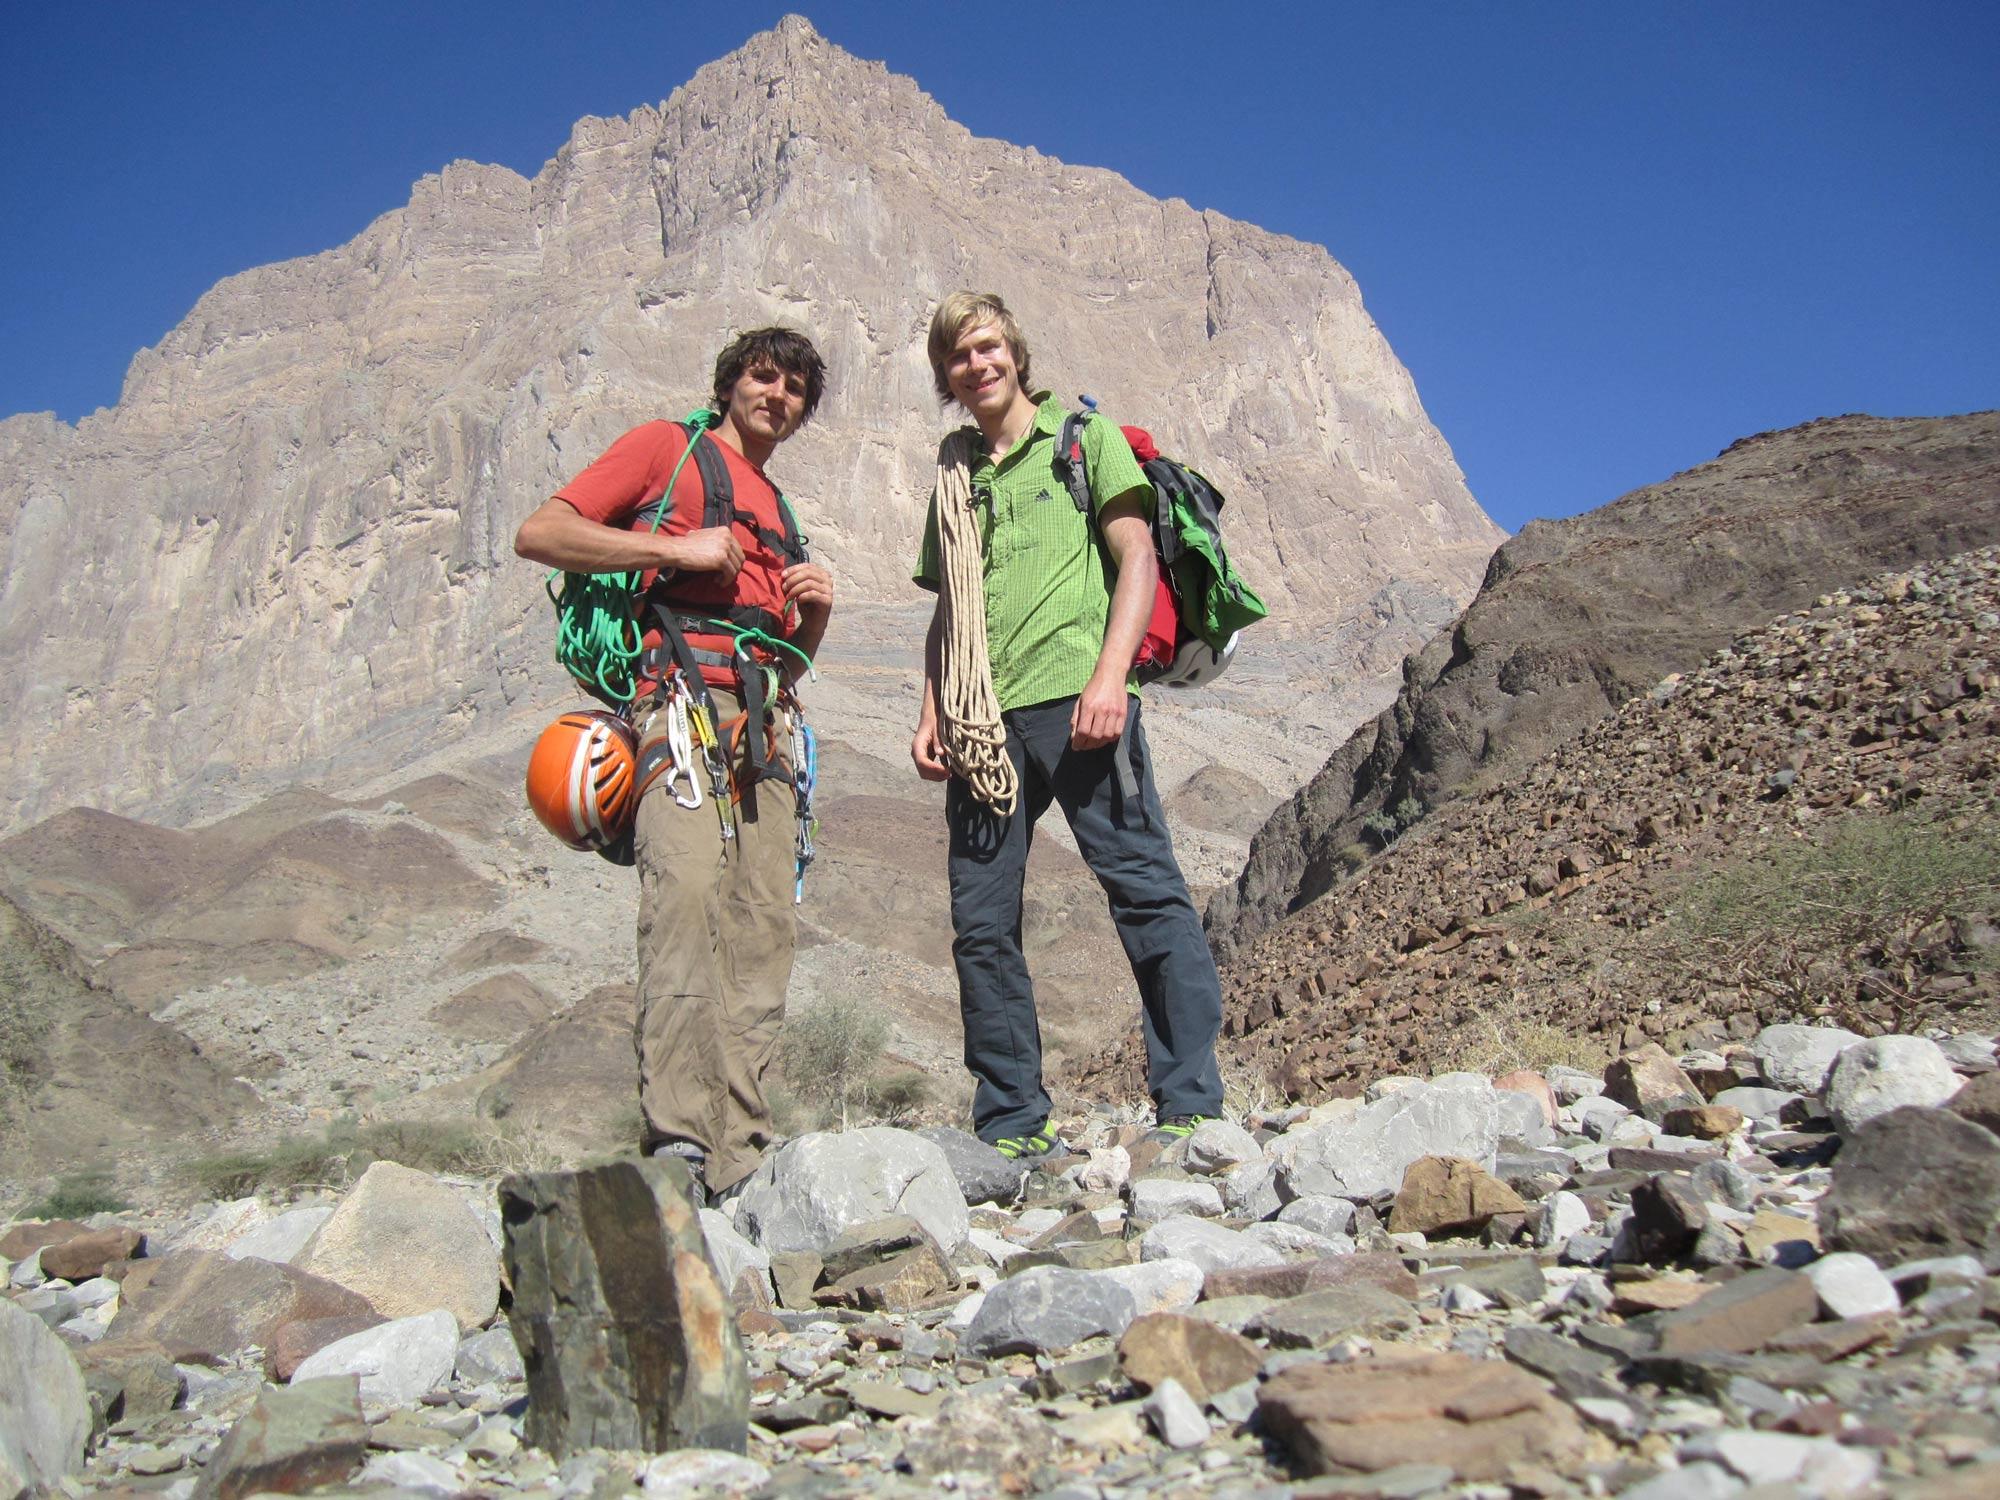 Simon Messner, Jebel Misht, Oman I bergundsteigen.blog